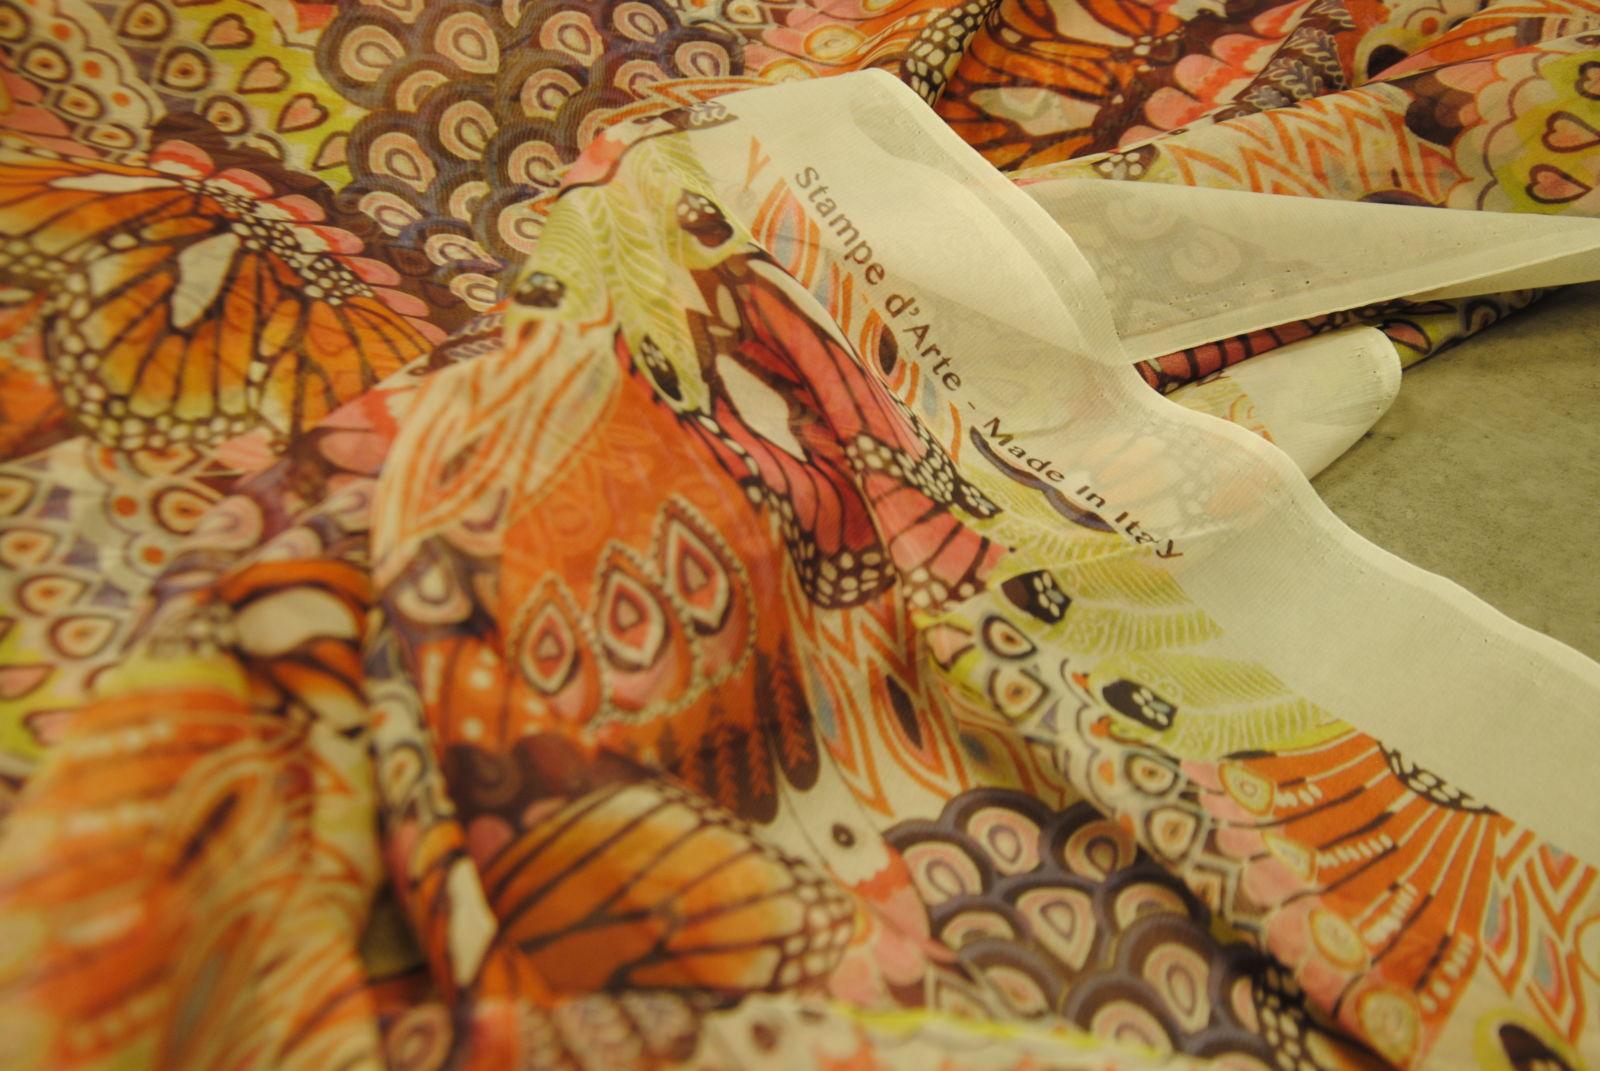 DSC 0924 Butterfly & Colors